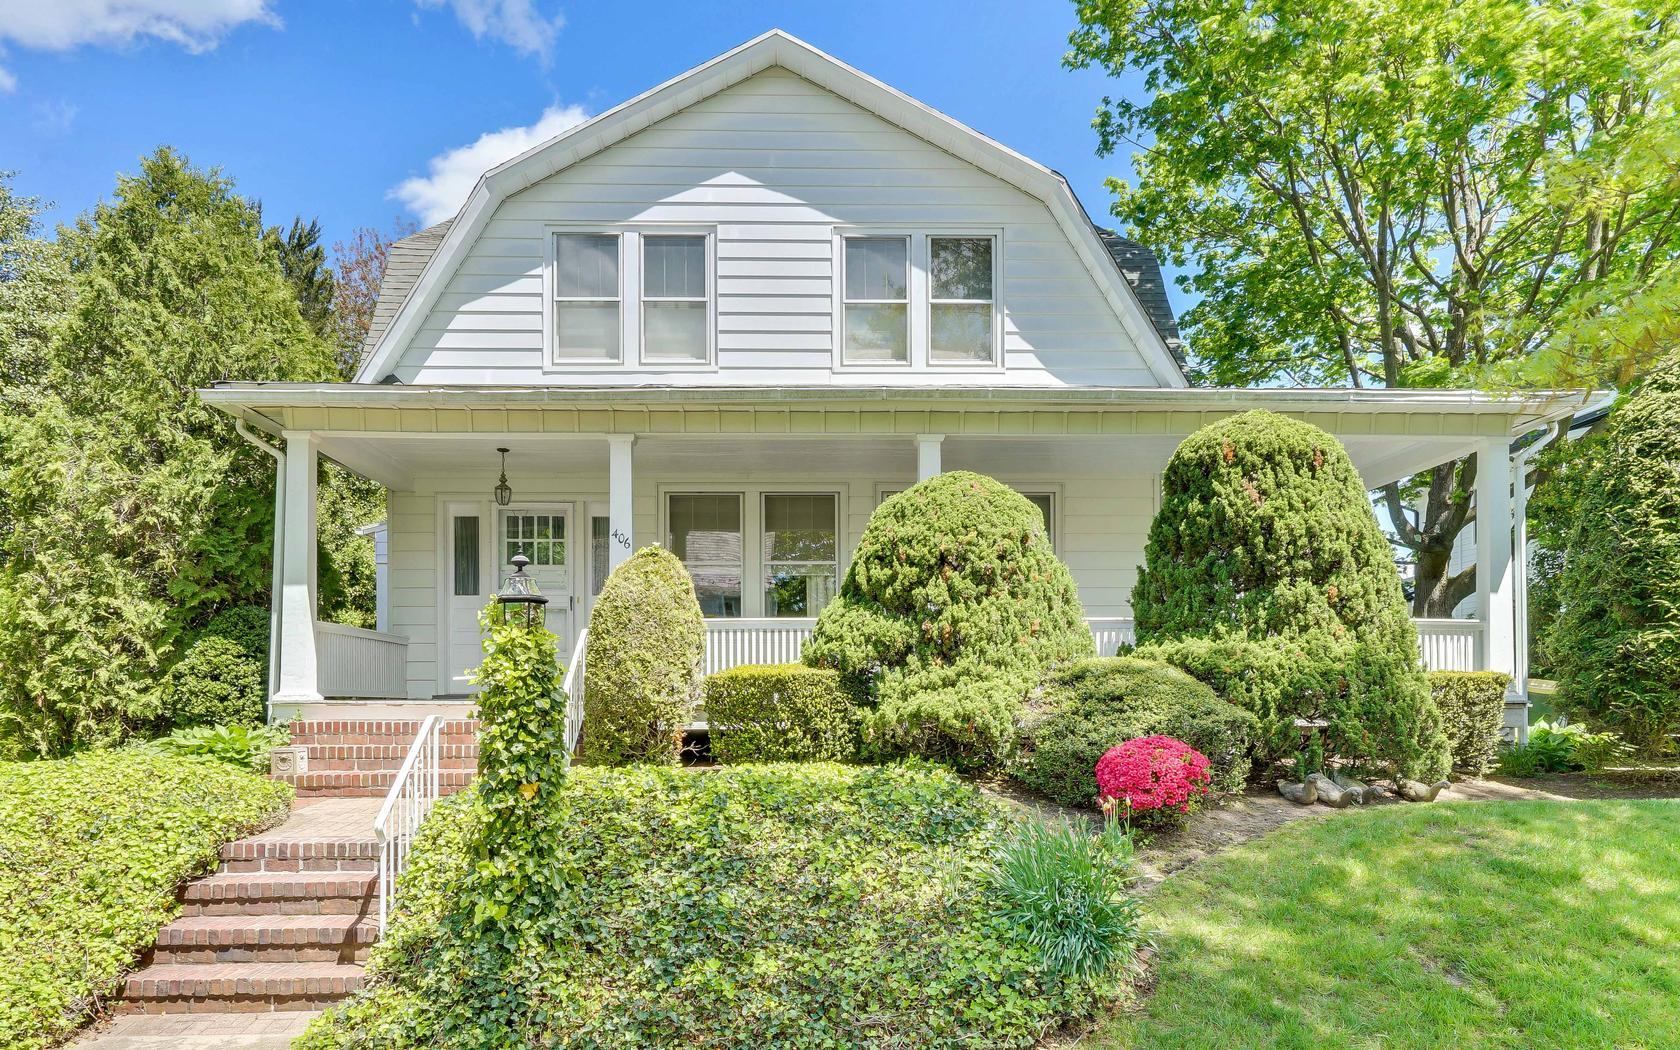 단독 가정 주택 용 매매 에 The Trifecta Of Breezes 406 Essex Avenue Spring Lake, 뉴저지, 07762 미국